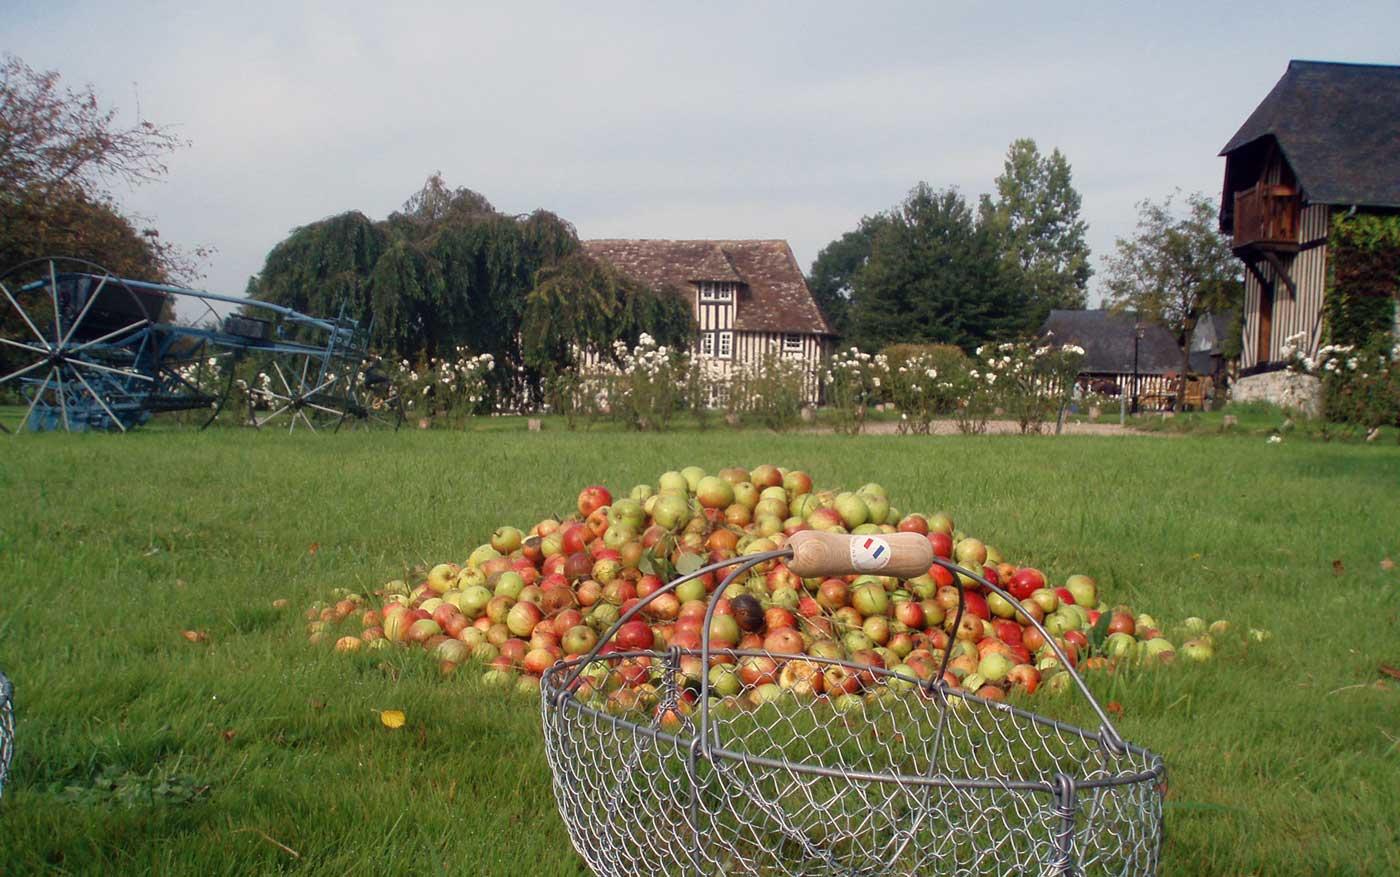 Les pommes une activité typiquement normande